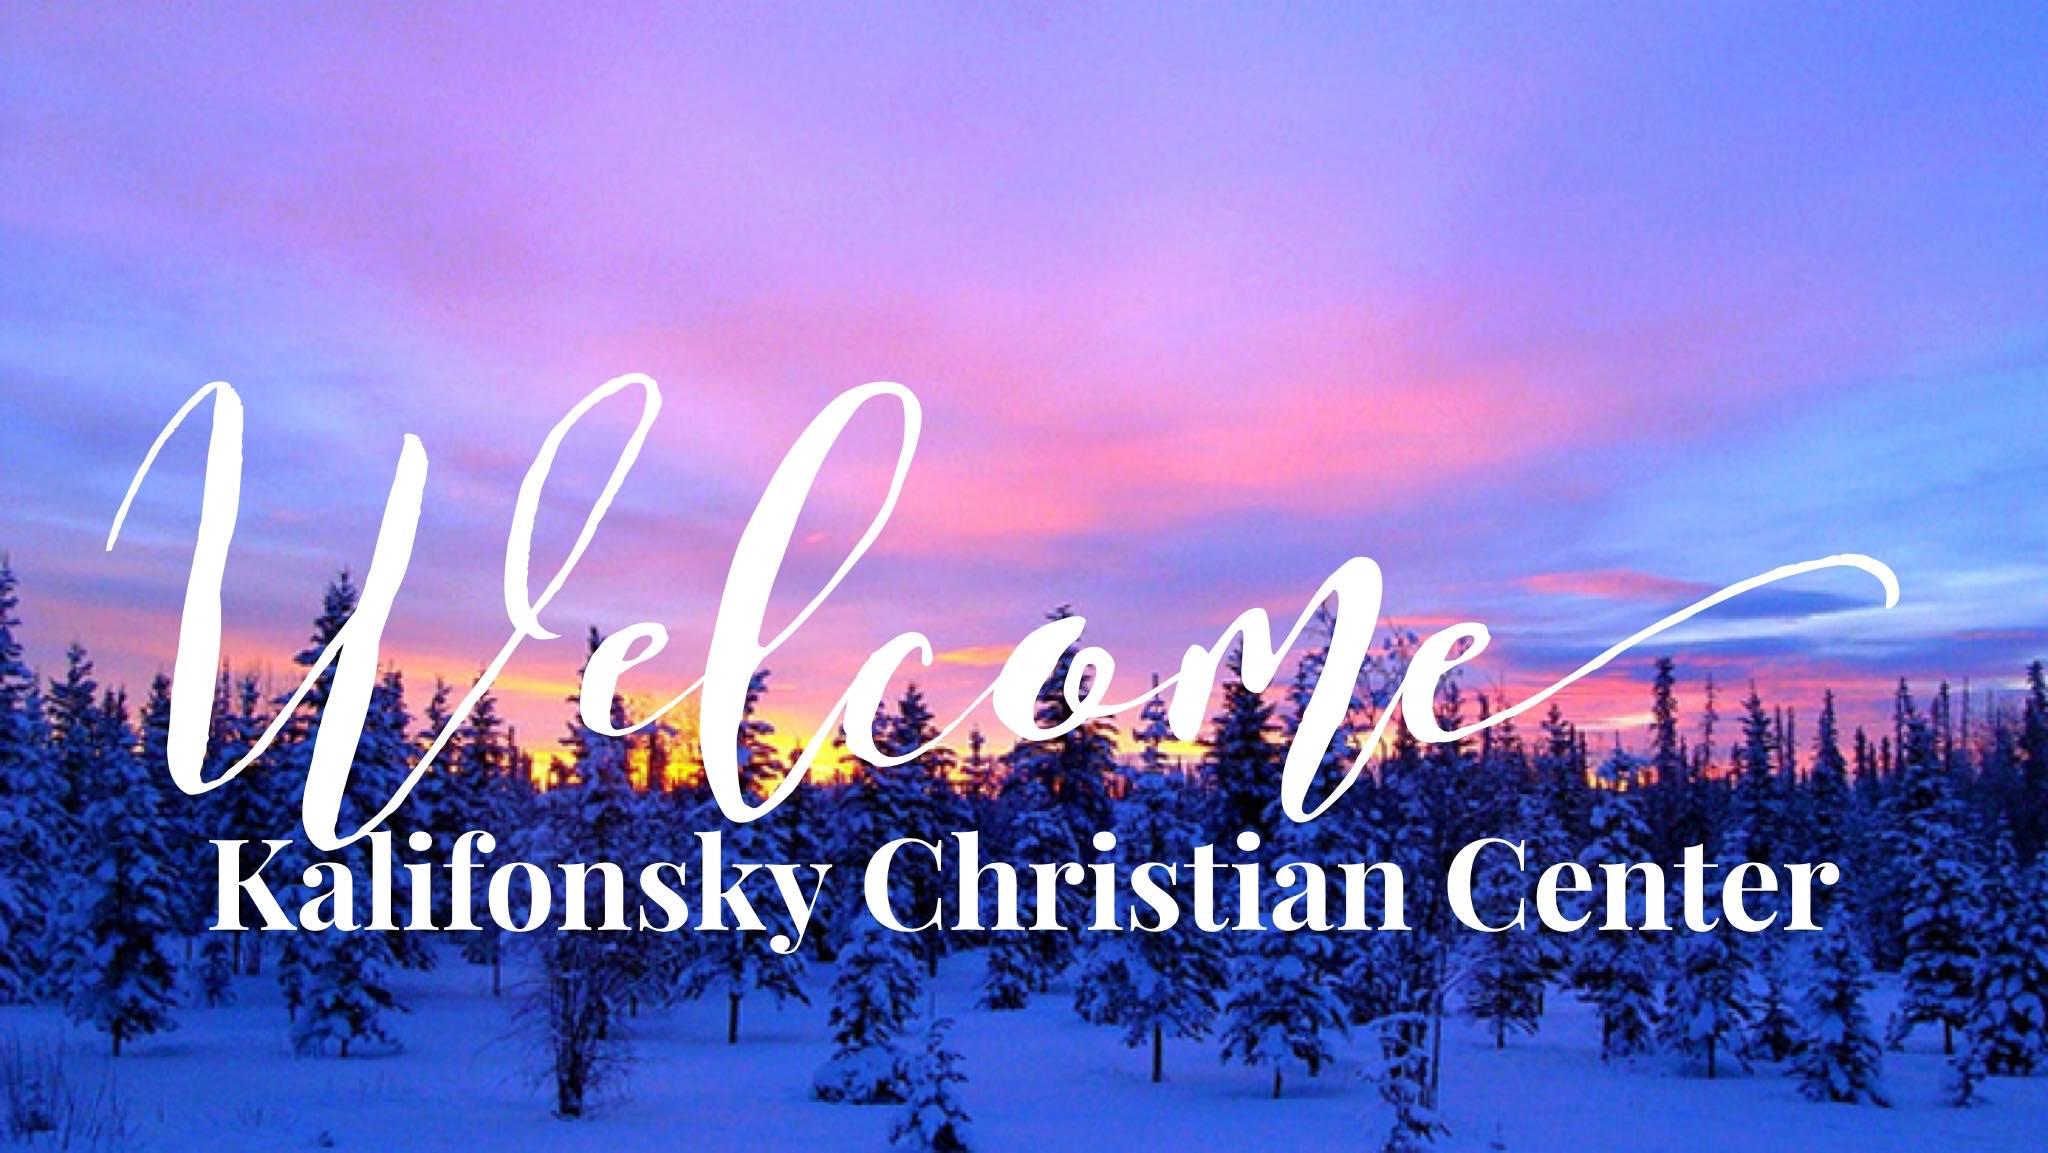 Kalifonsky Christian Center